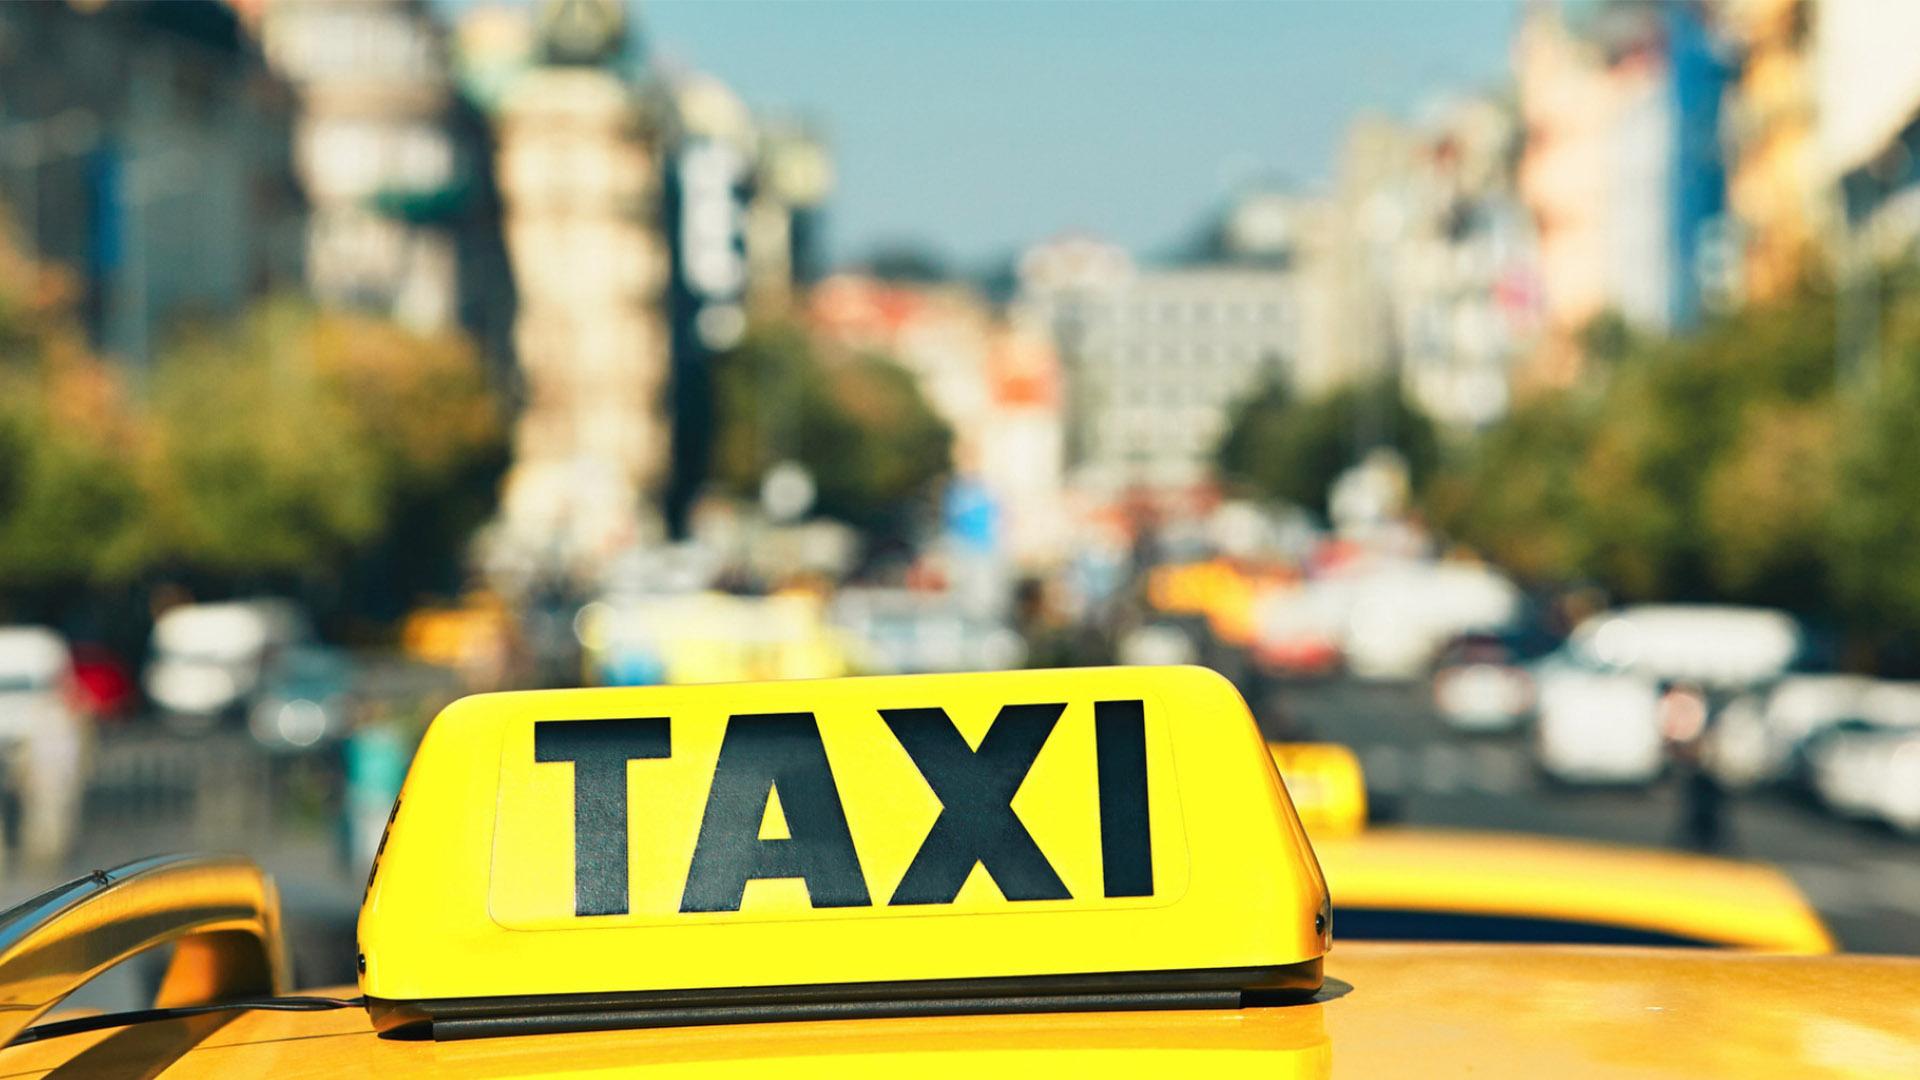 В Сочи летом могут ограничить въезд иногородних машин такси